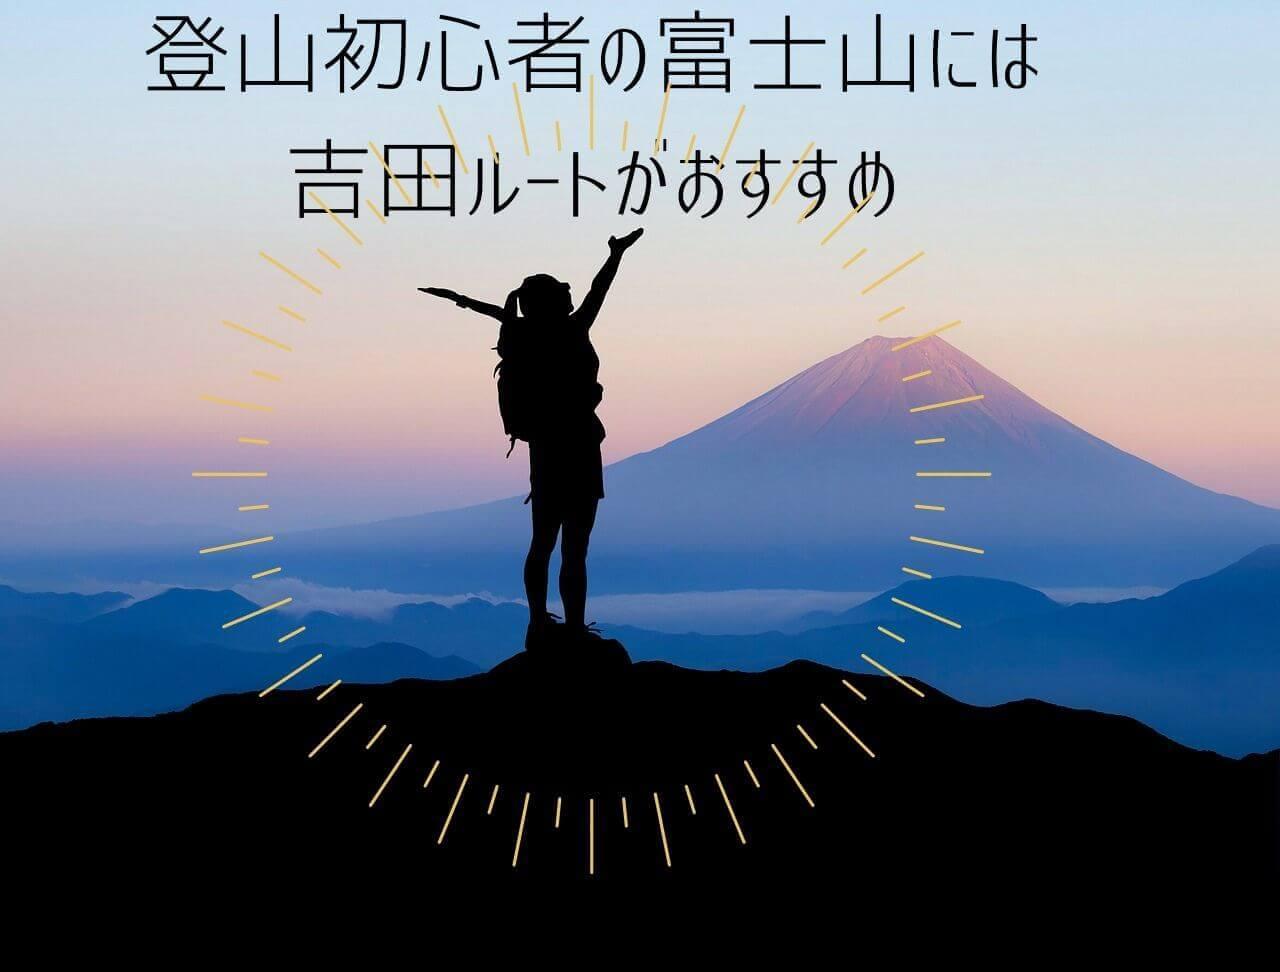 登山初心者の富士山には 吉田ルートがおすすめ